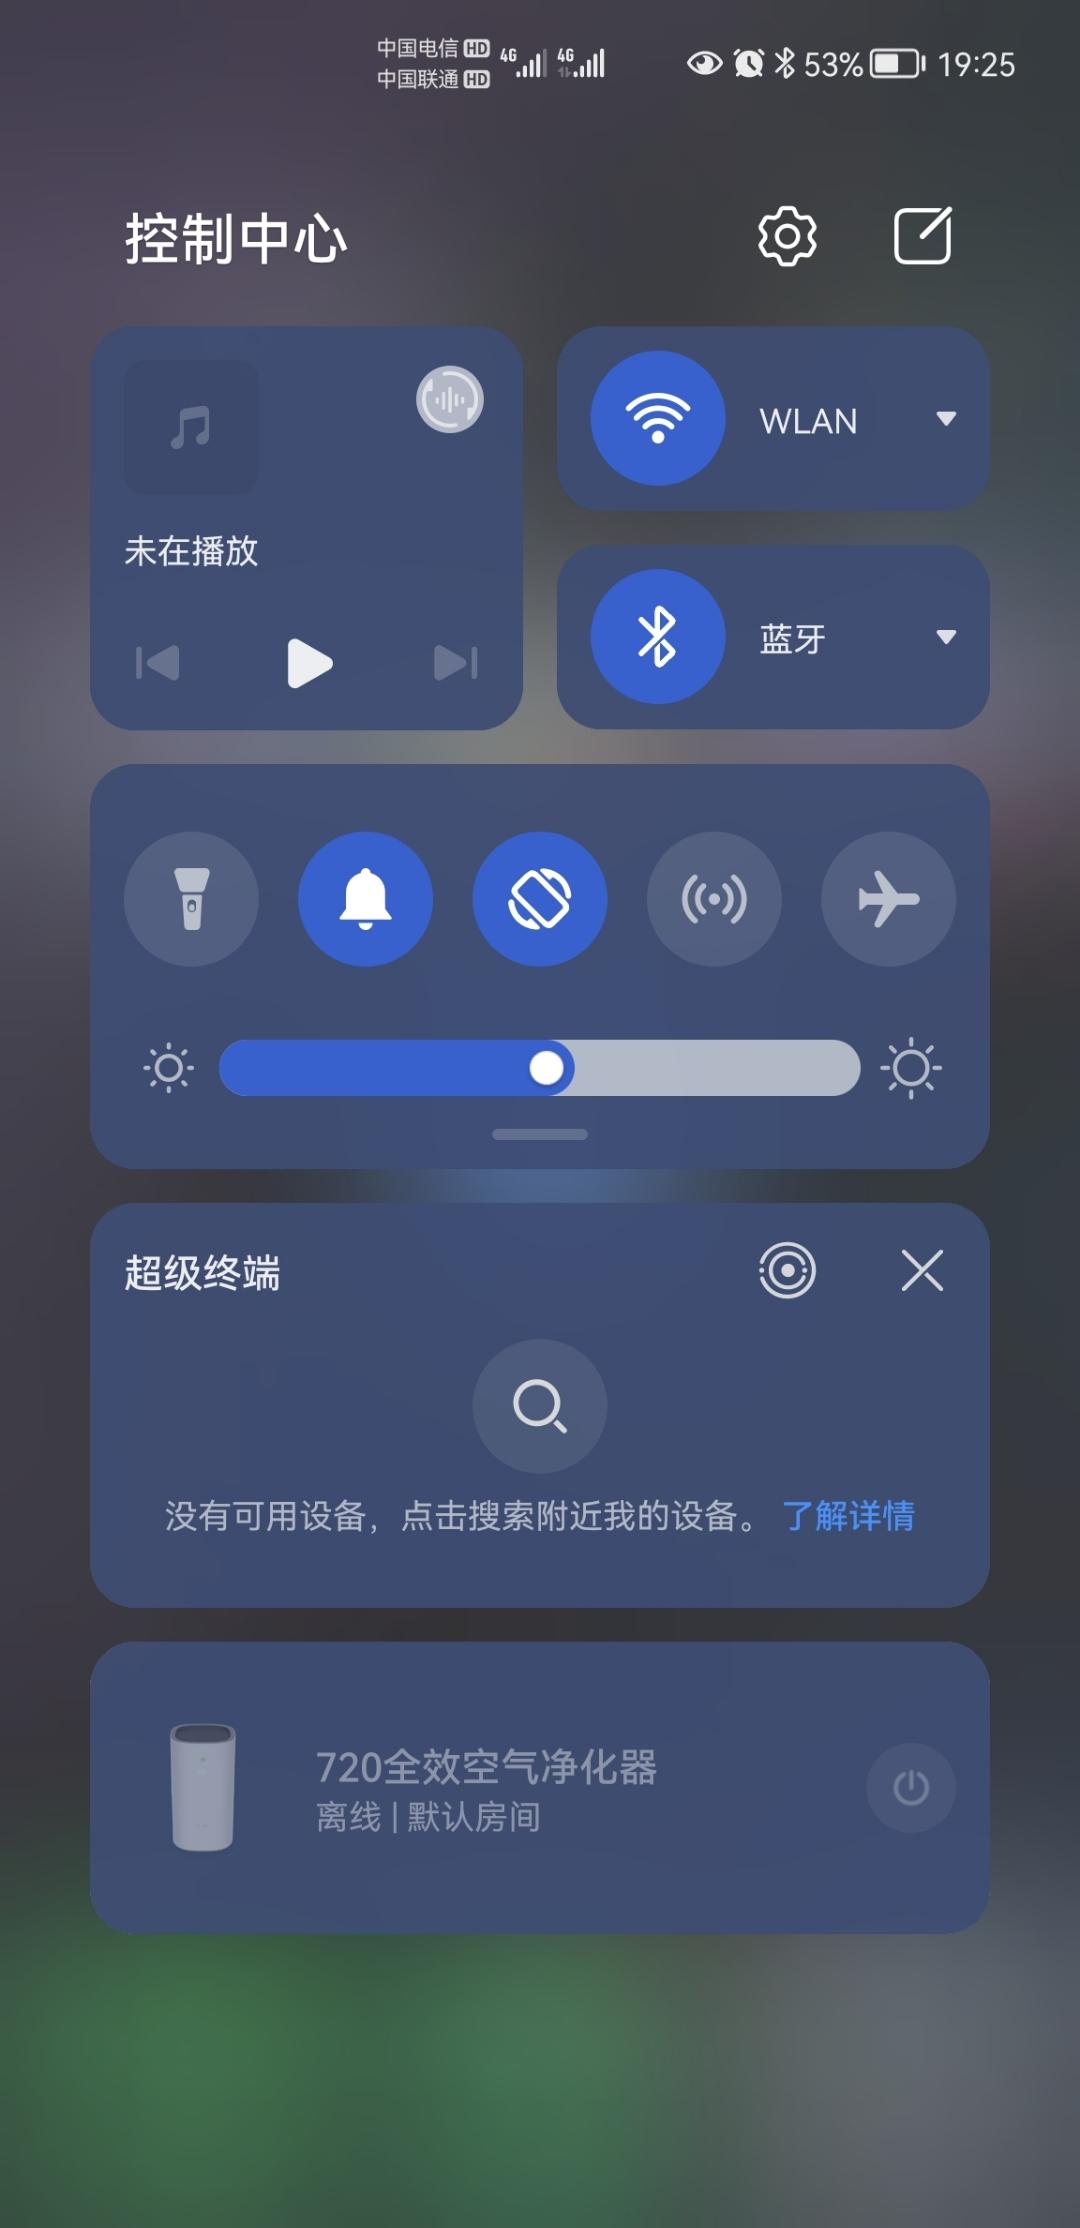 Screenshot_20210618_192519_com.huawei.android.launcher.jpg